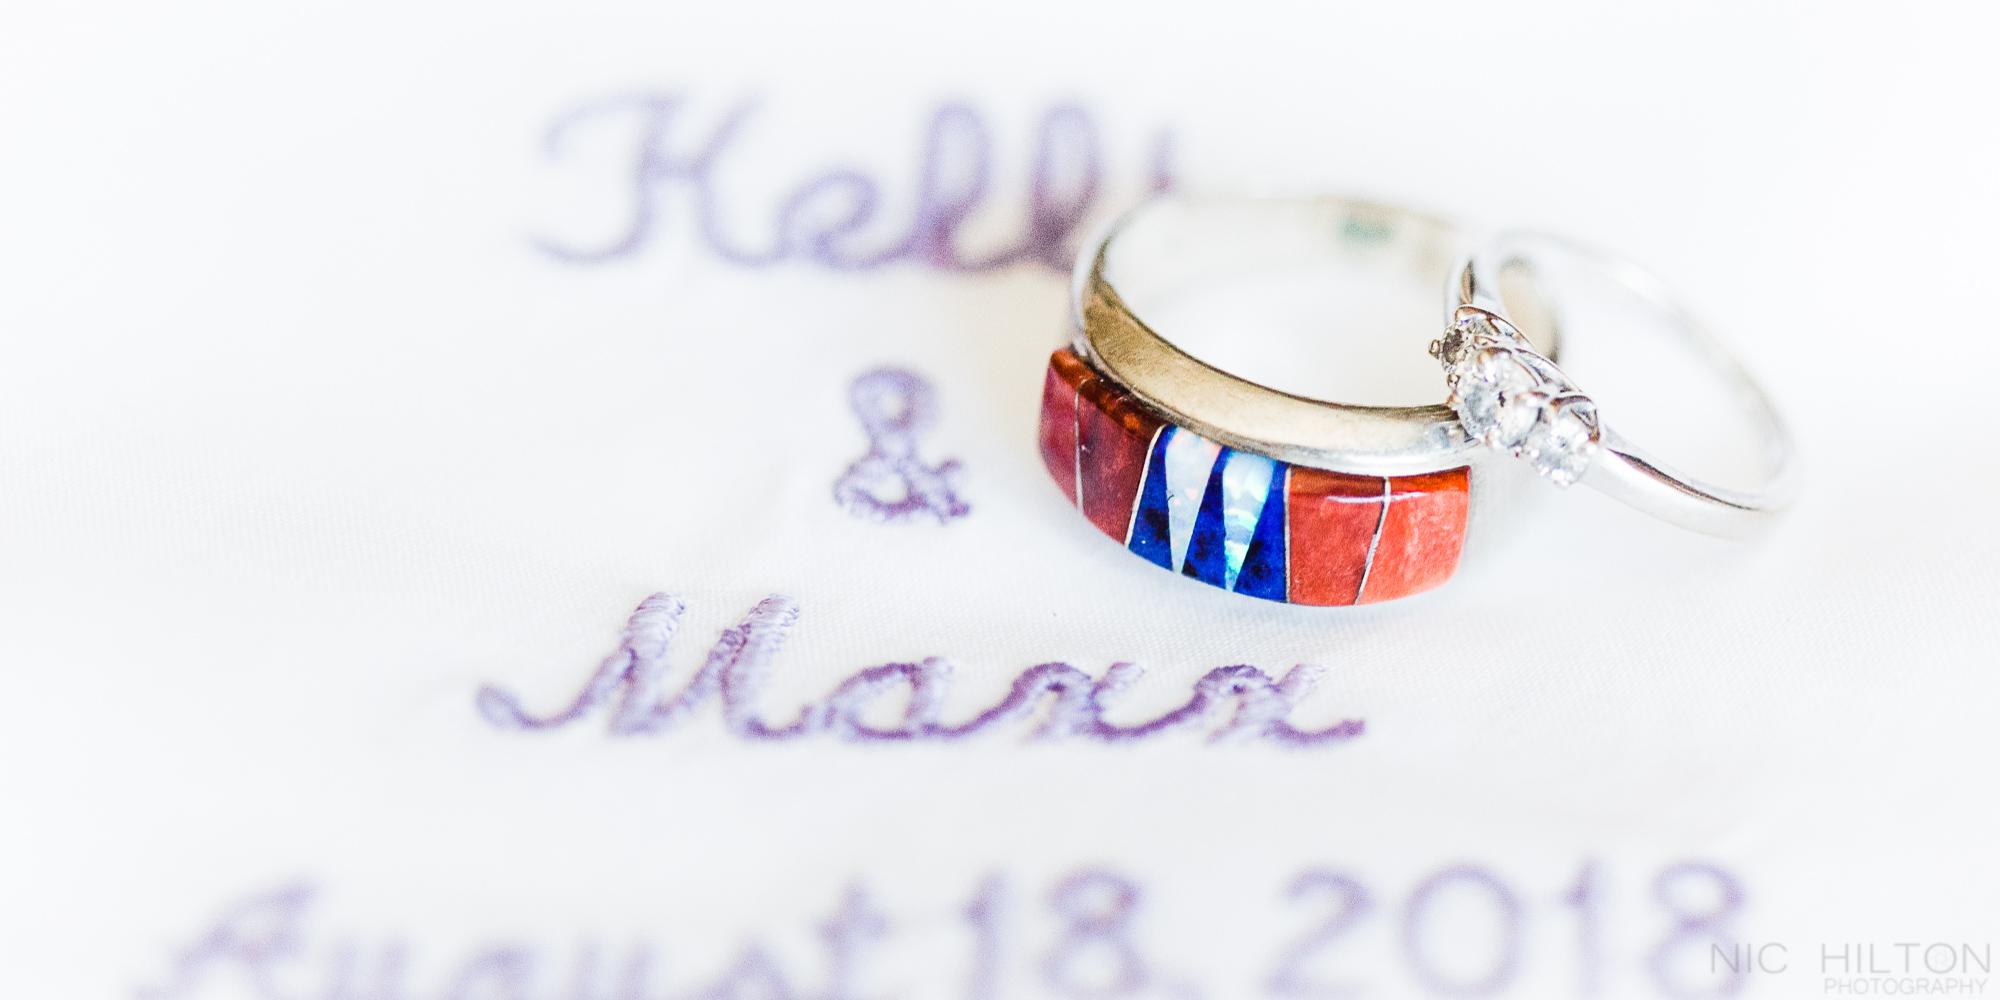 June-Lake-wedding-rings.jpg